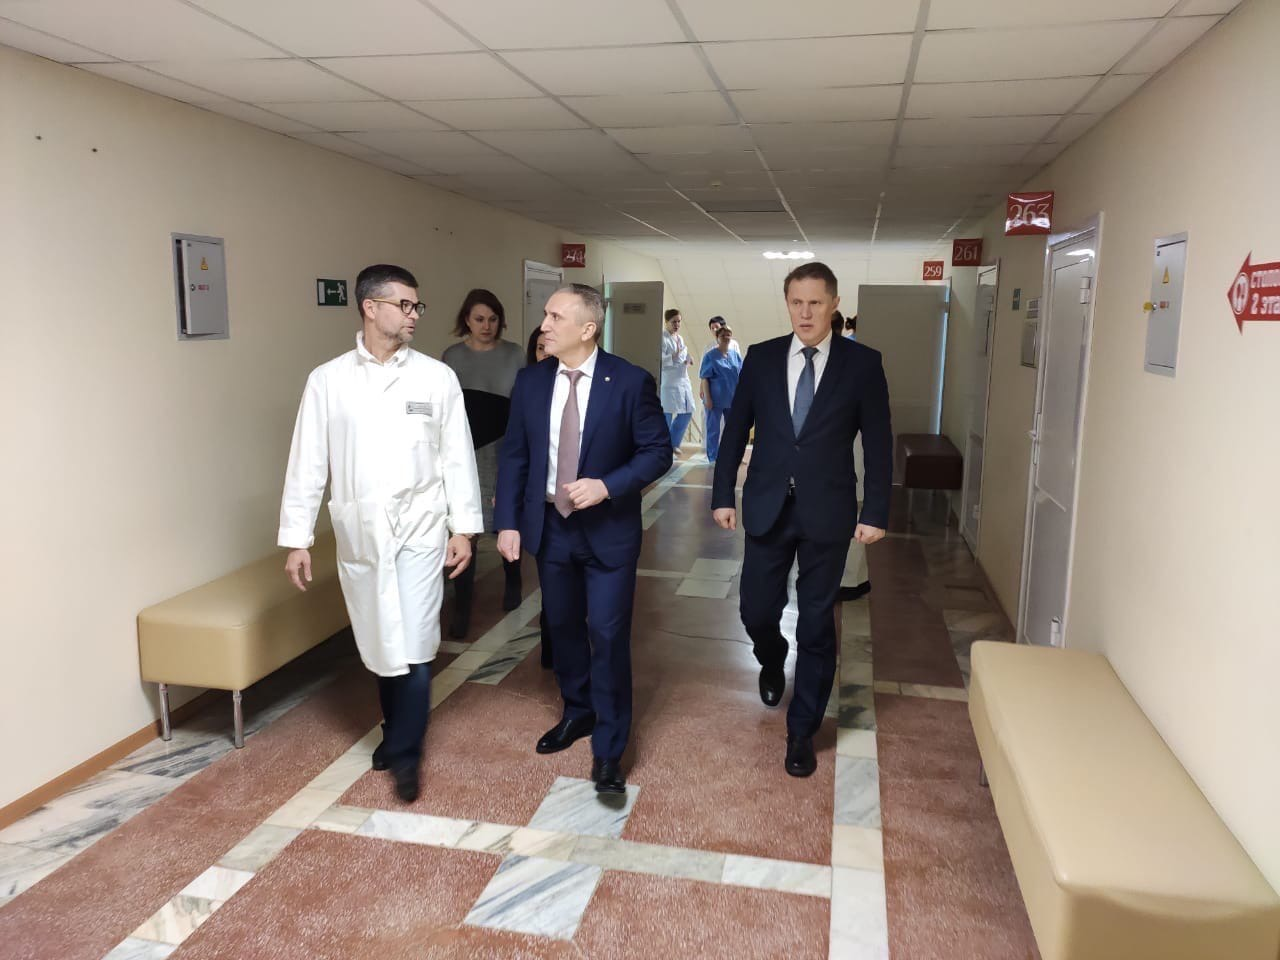 Губернатор Тюменской области Александр Моор и министр здравоохранения России Михаил Мурашко осматривают санаторий, в котором разместят пассажиров, прилетевших из Ухани. Здесь люди будут жить в карантинной зоне две недели